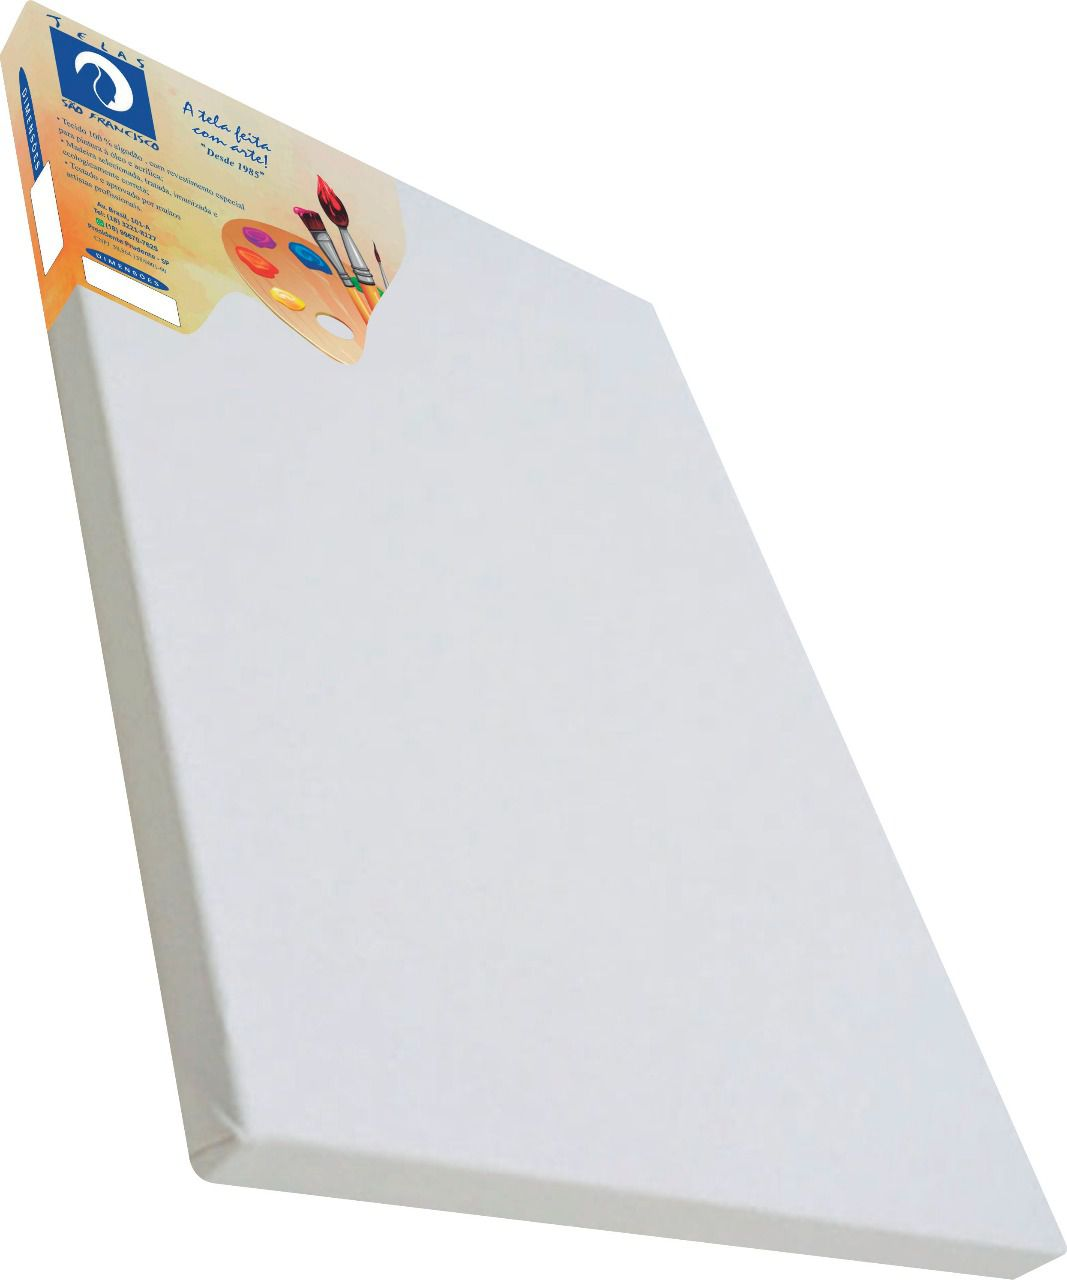 Tela painel para pintura 50x50cm - São Francisco